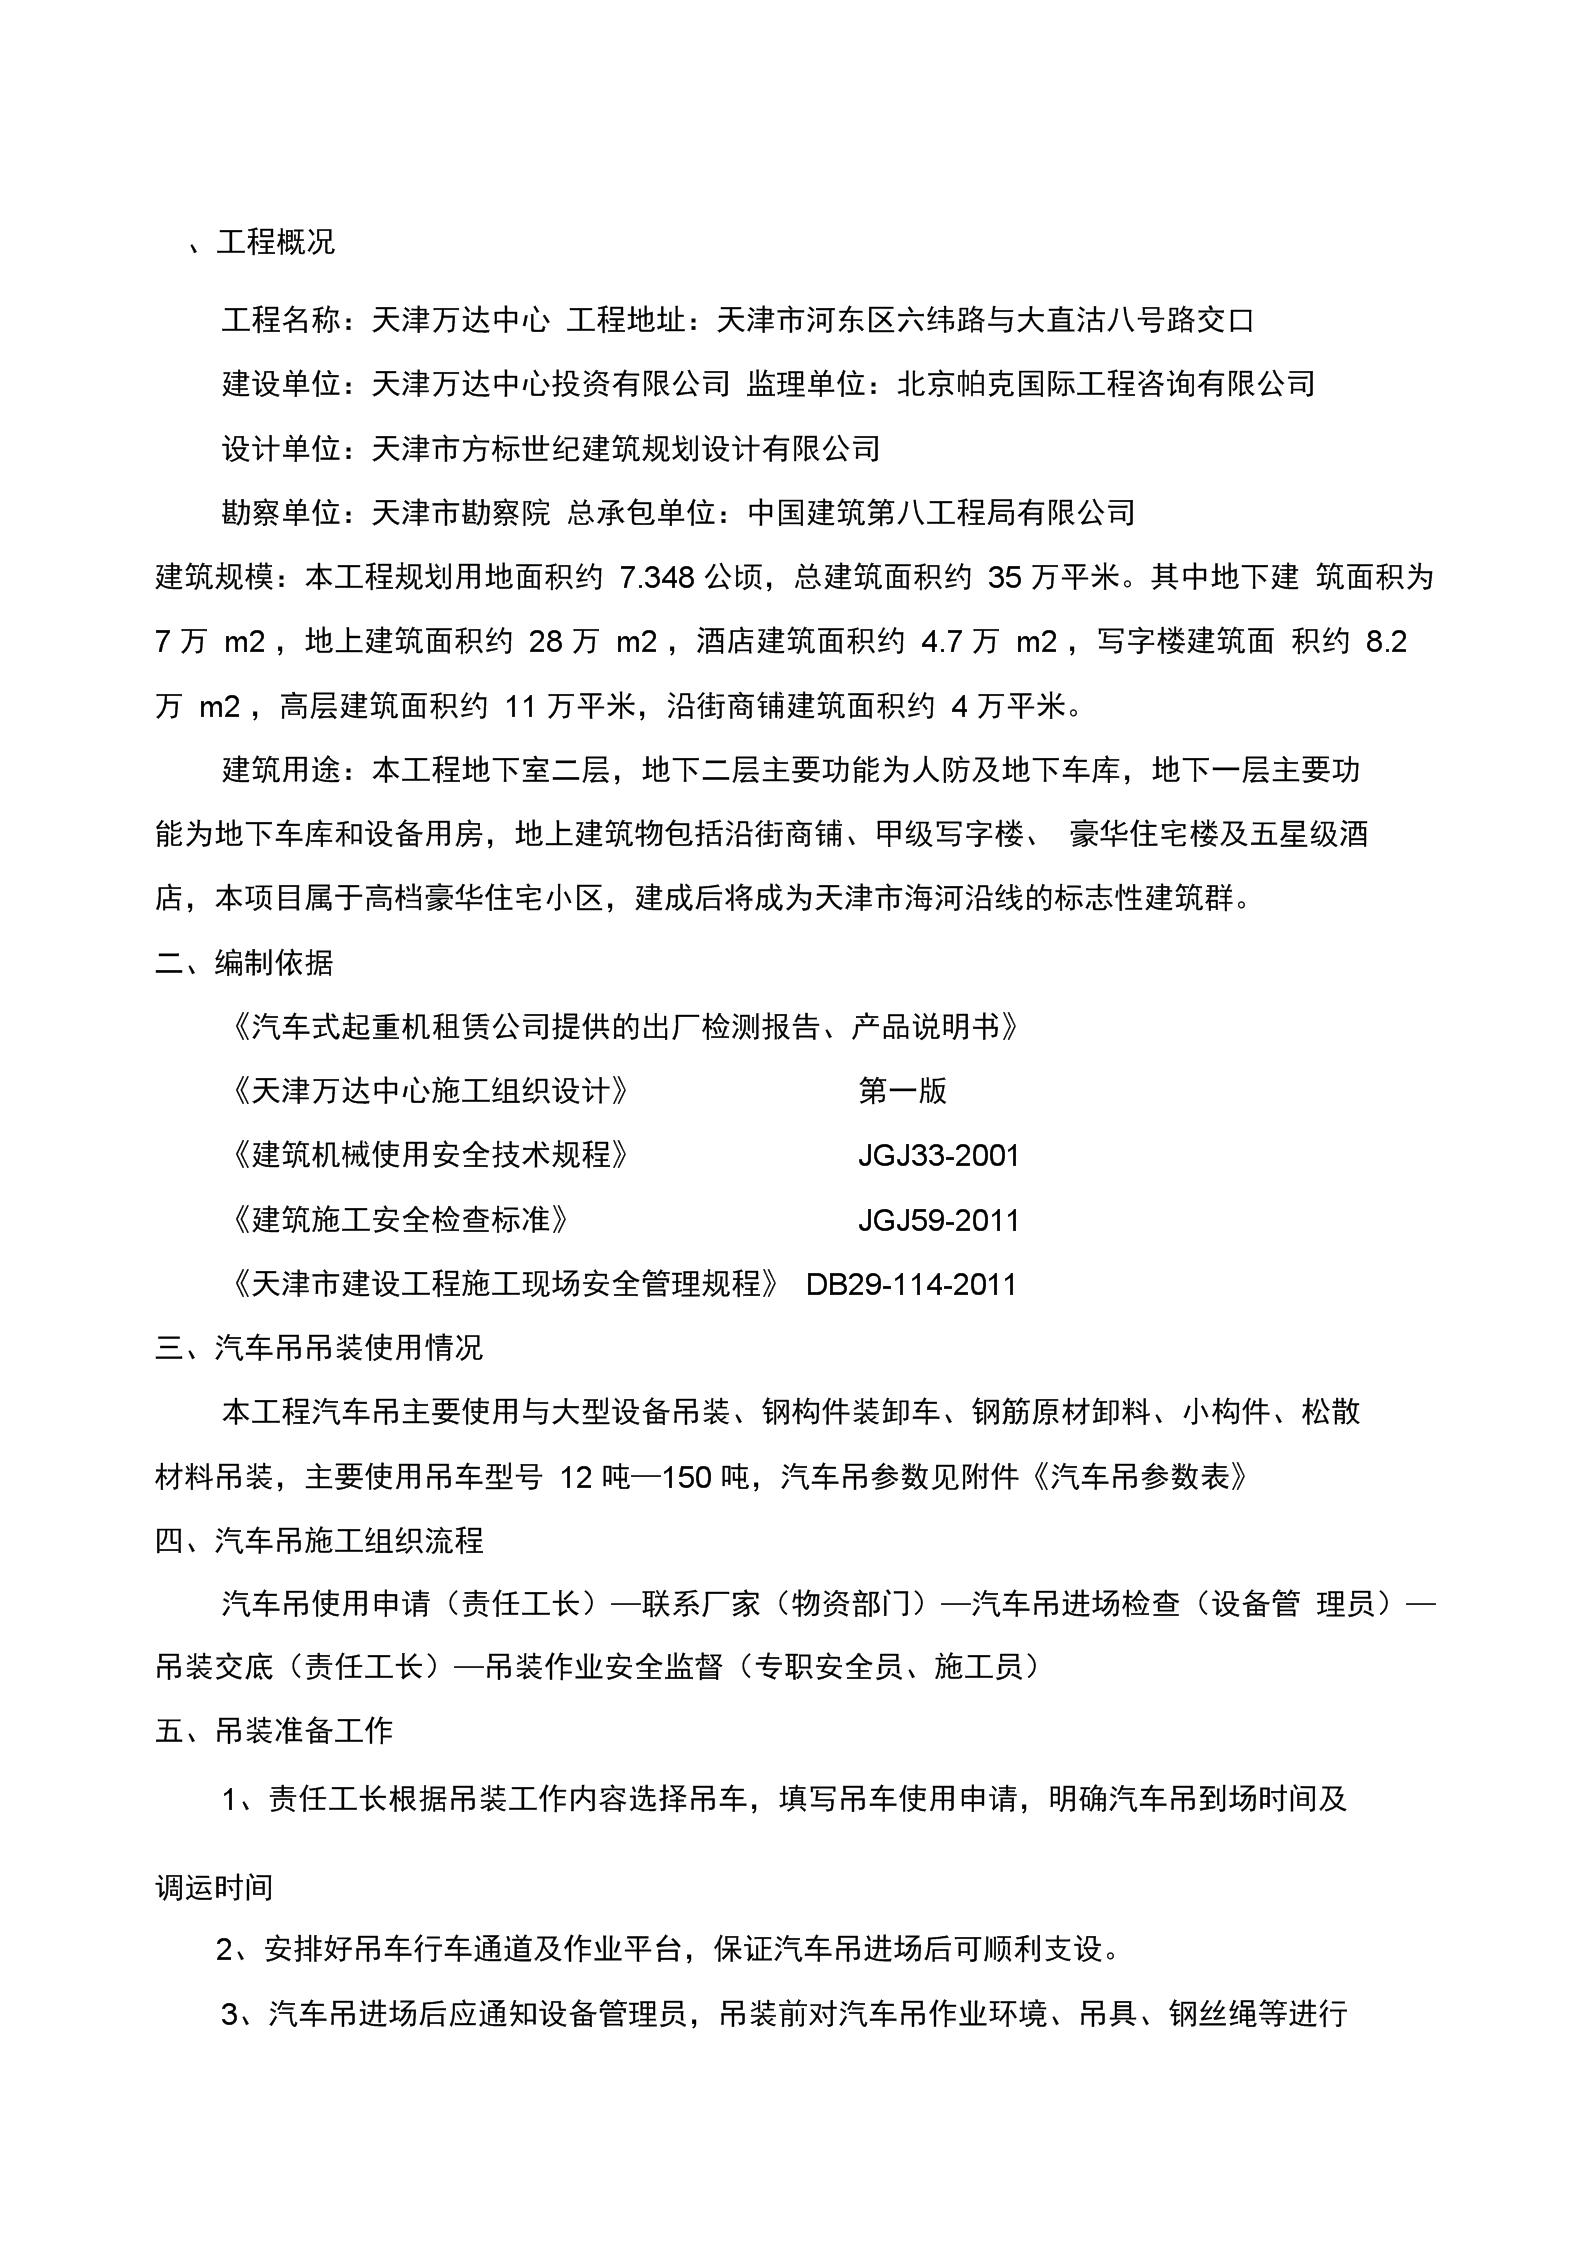 2020年新版汽车吊吊装施工方案.docx